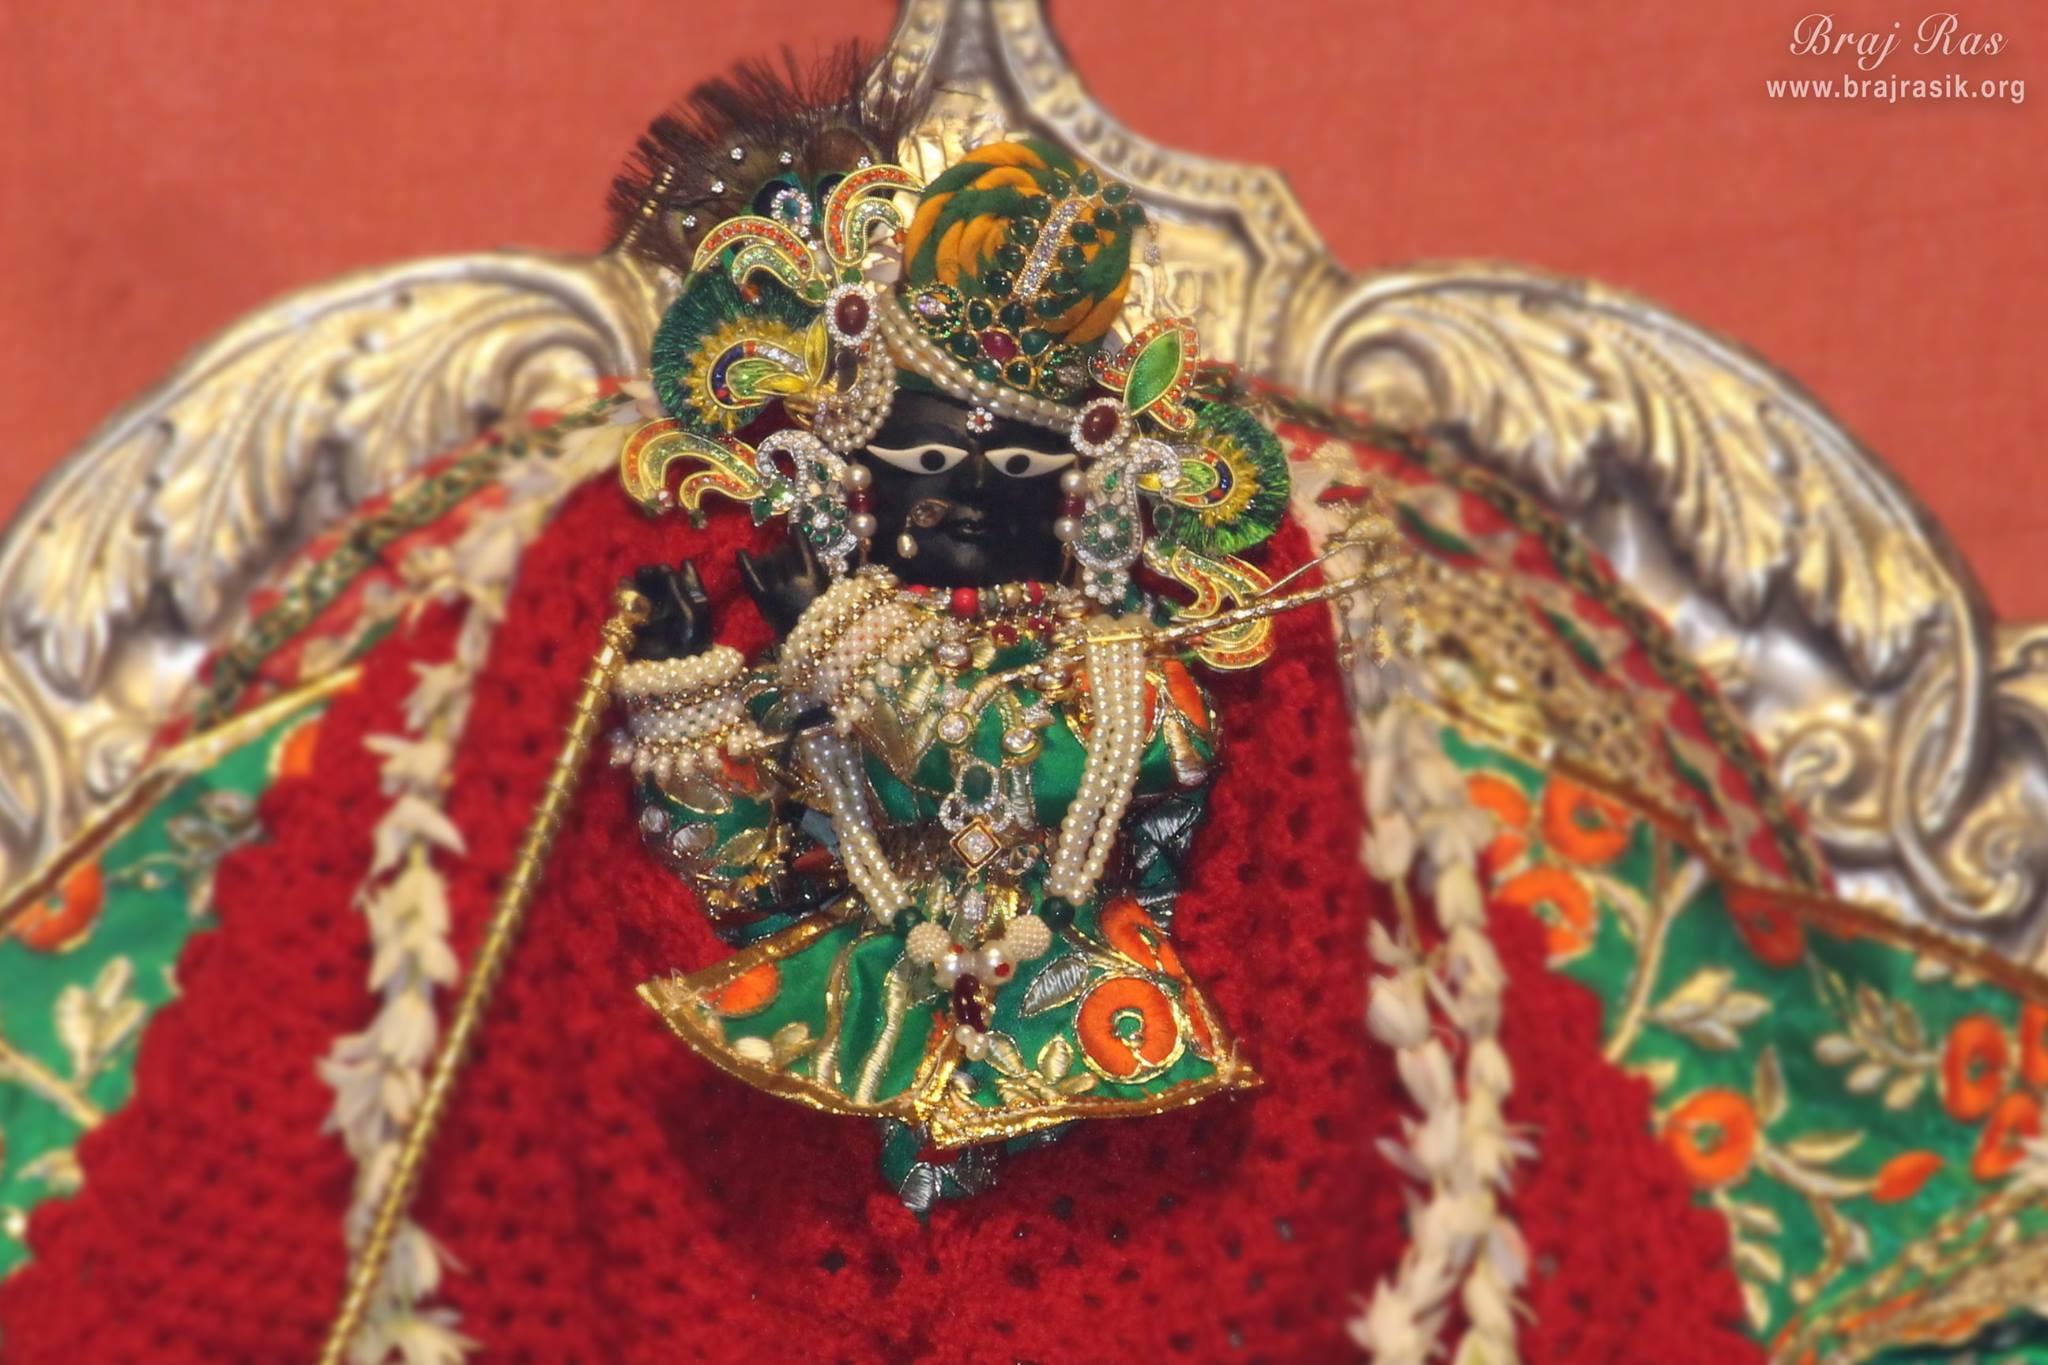 Shri Radharaman Temple, Vrindavan